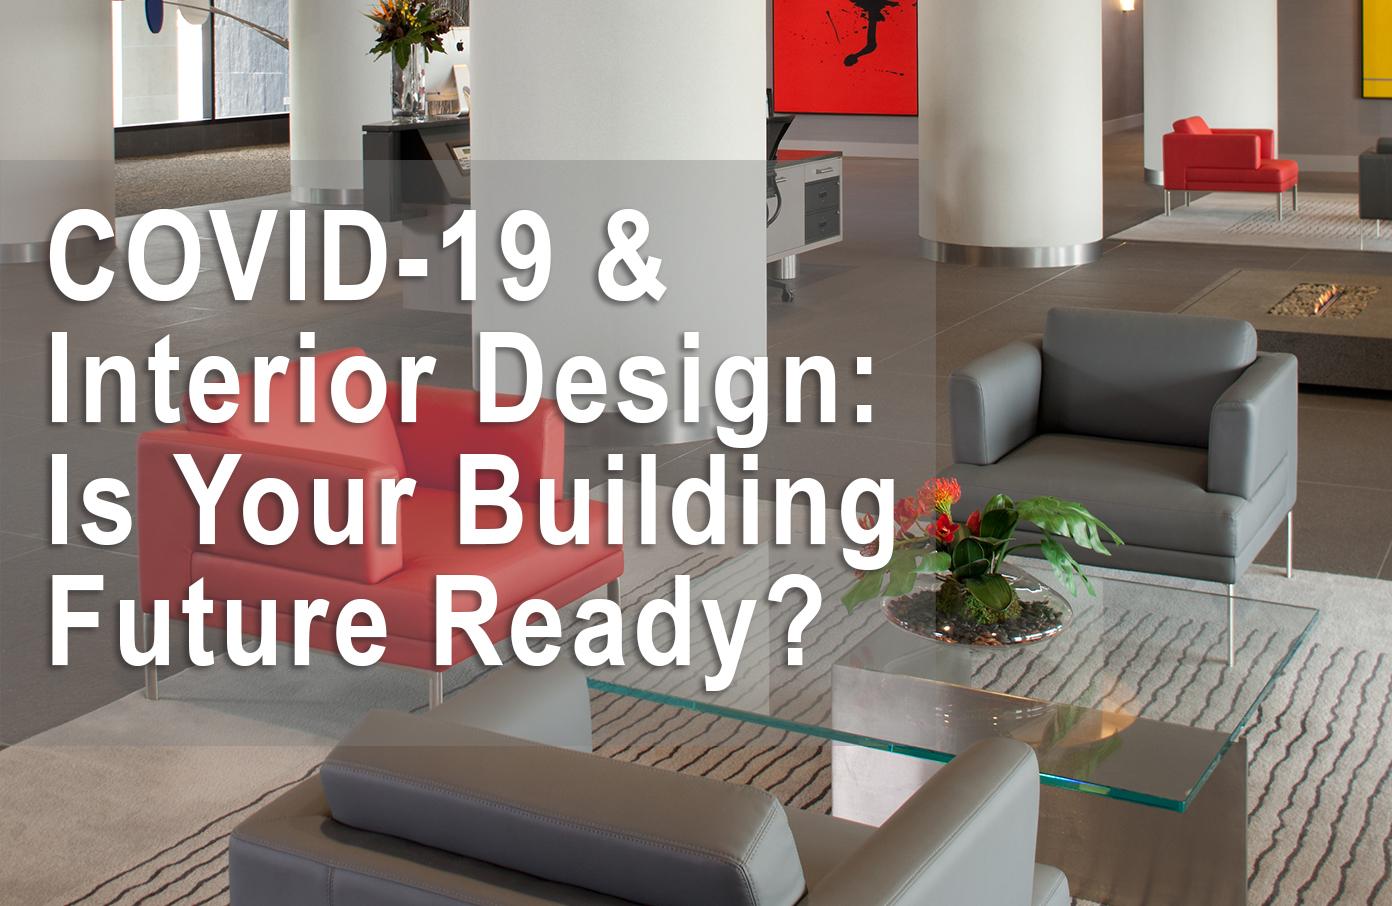 COVID-19 and interior design